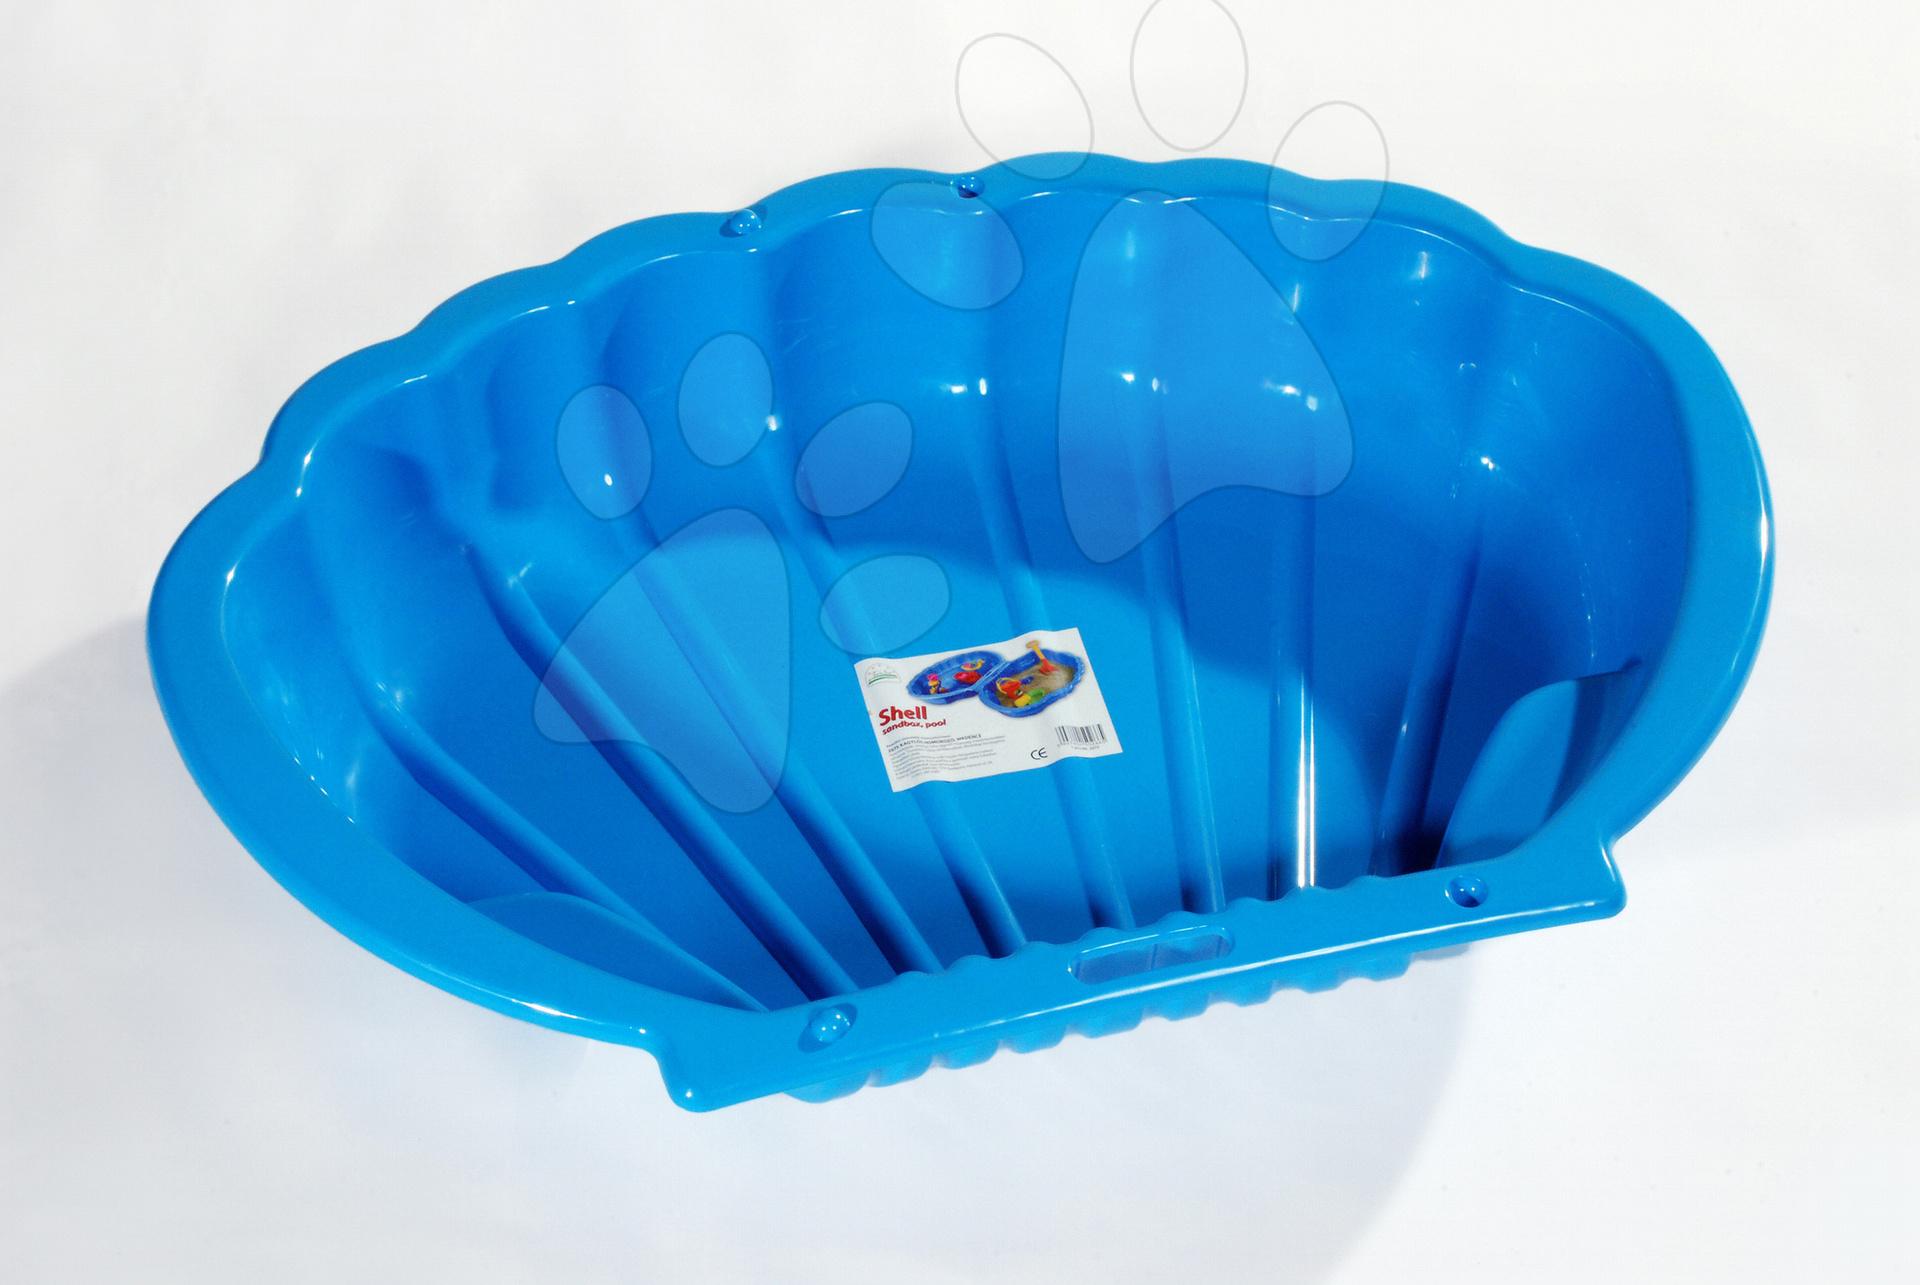 Pískoviště Mušle Dohány objem 112 litrů 109*78 cm modré od 24 měsíců